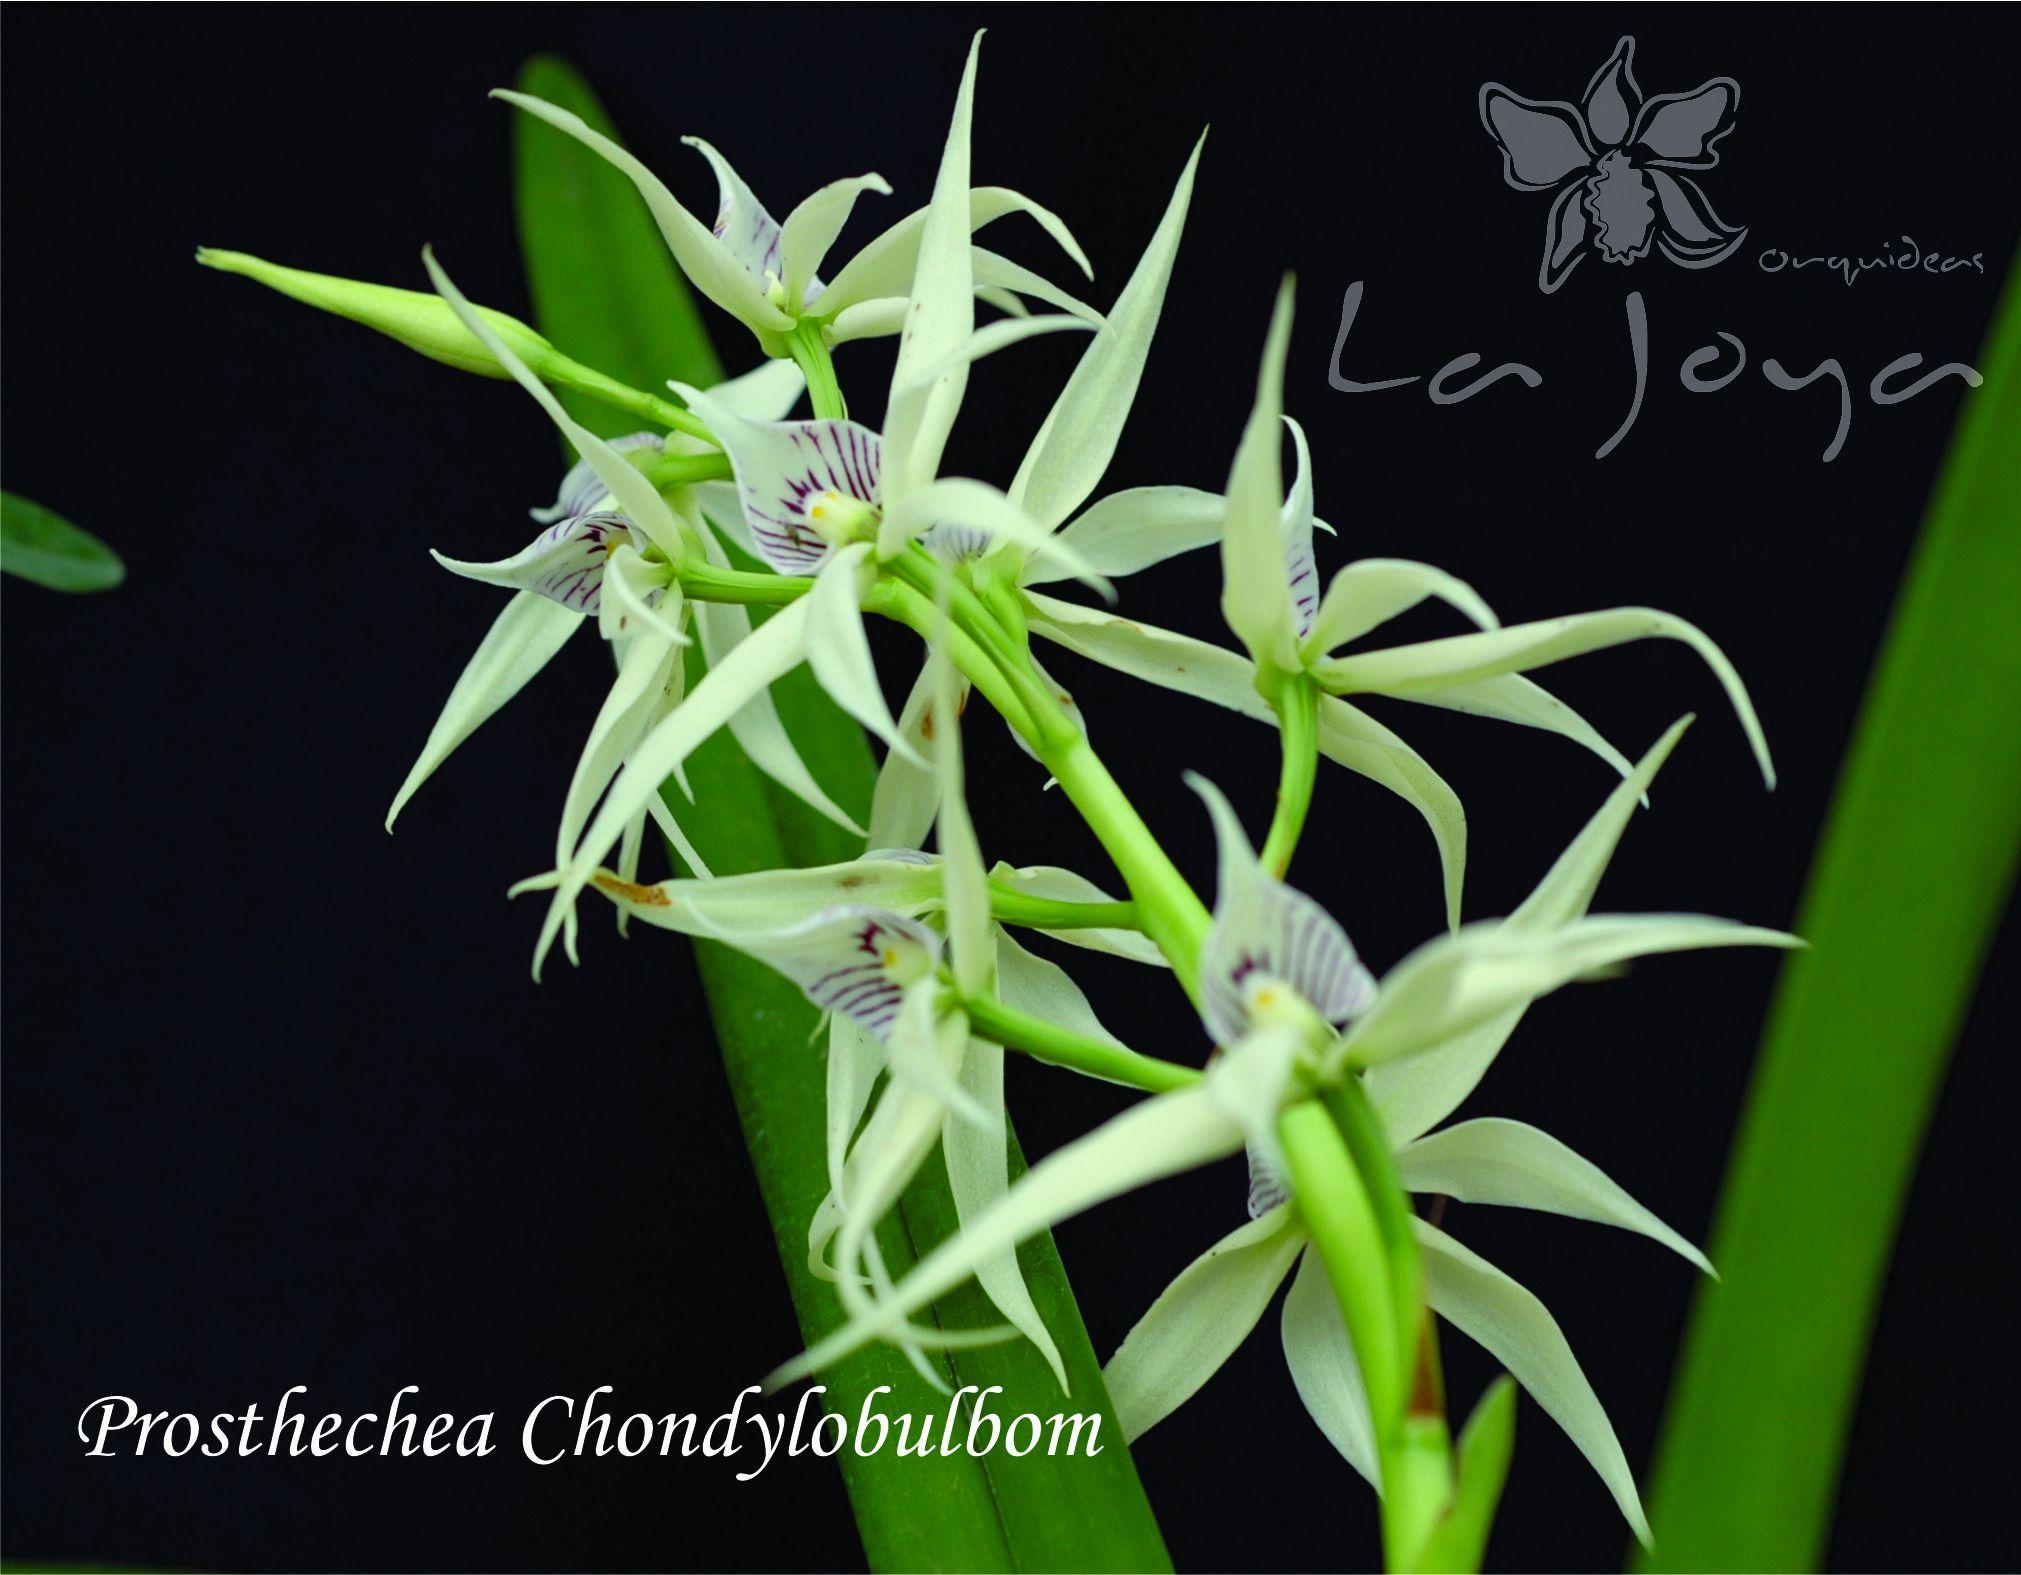 Prostechea Chondylobulbon